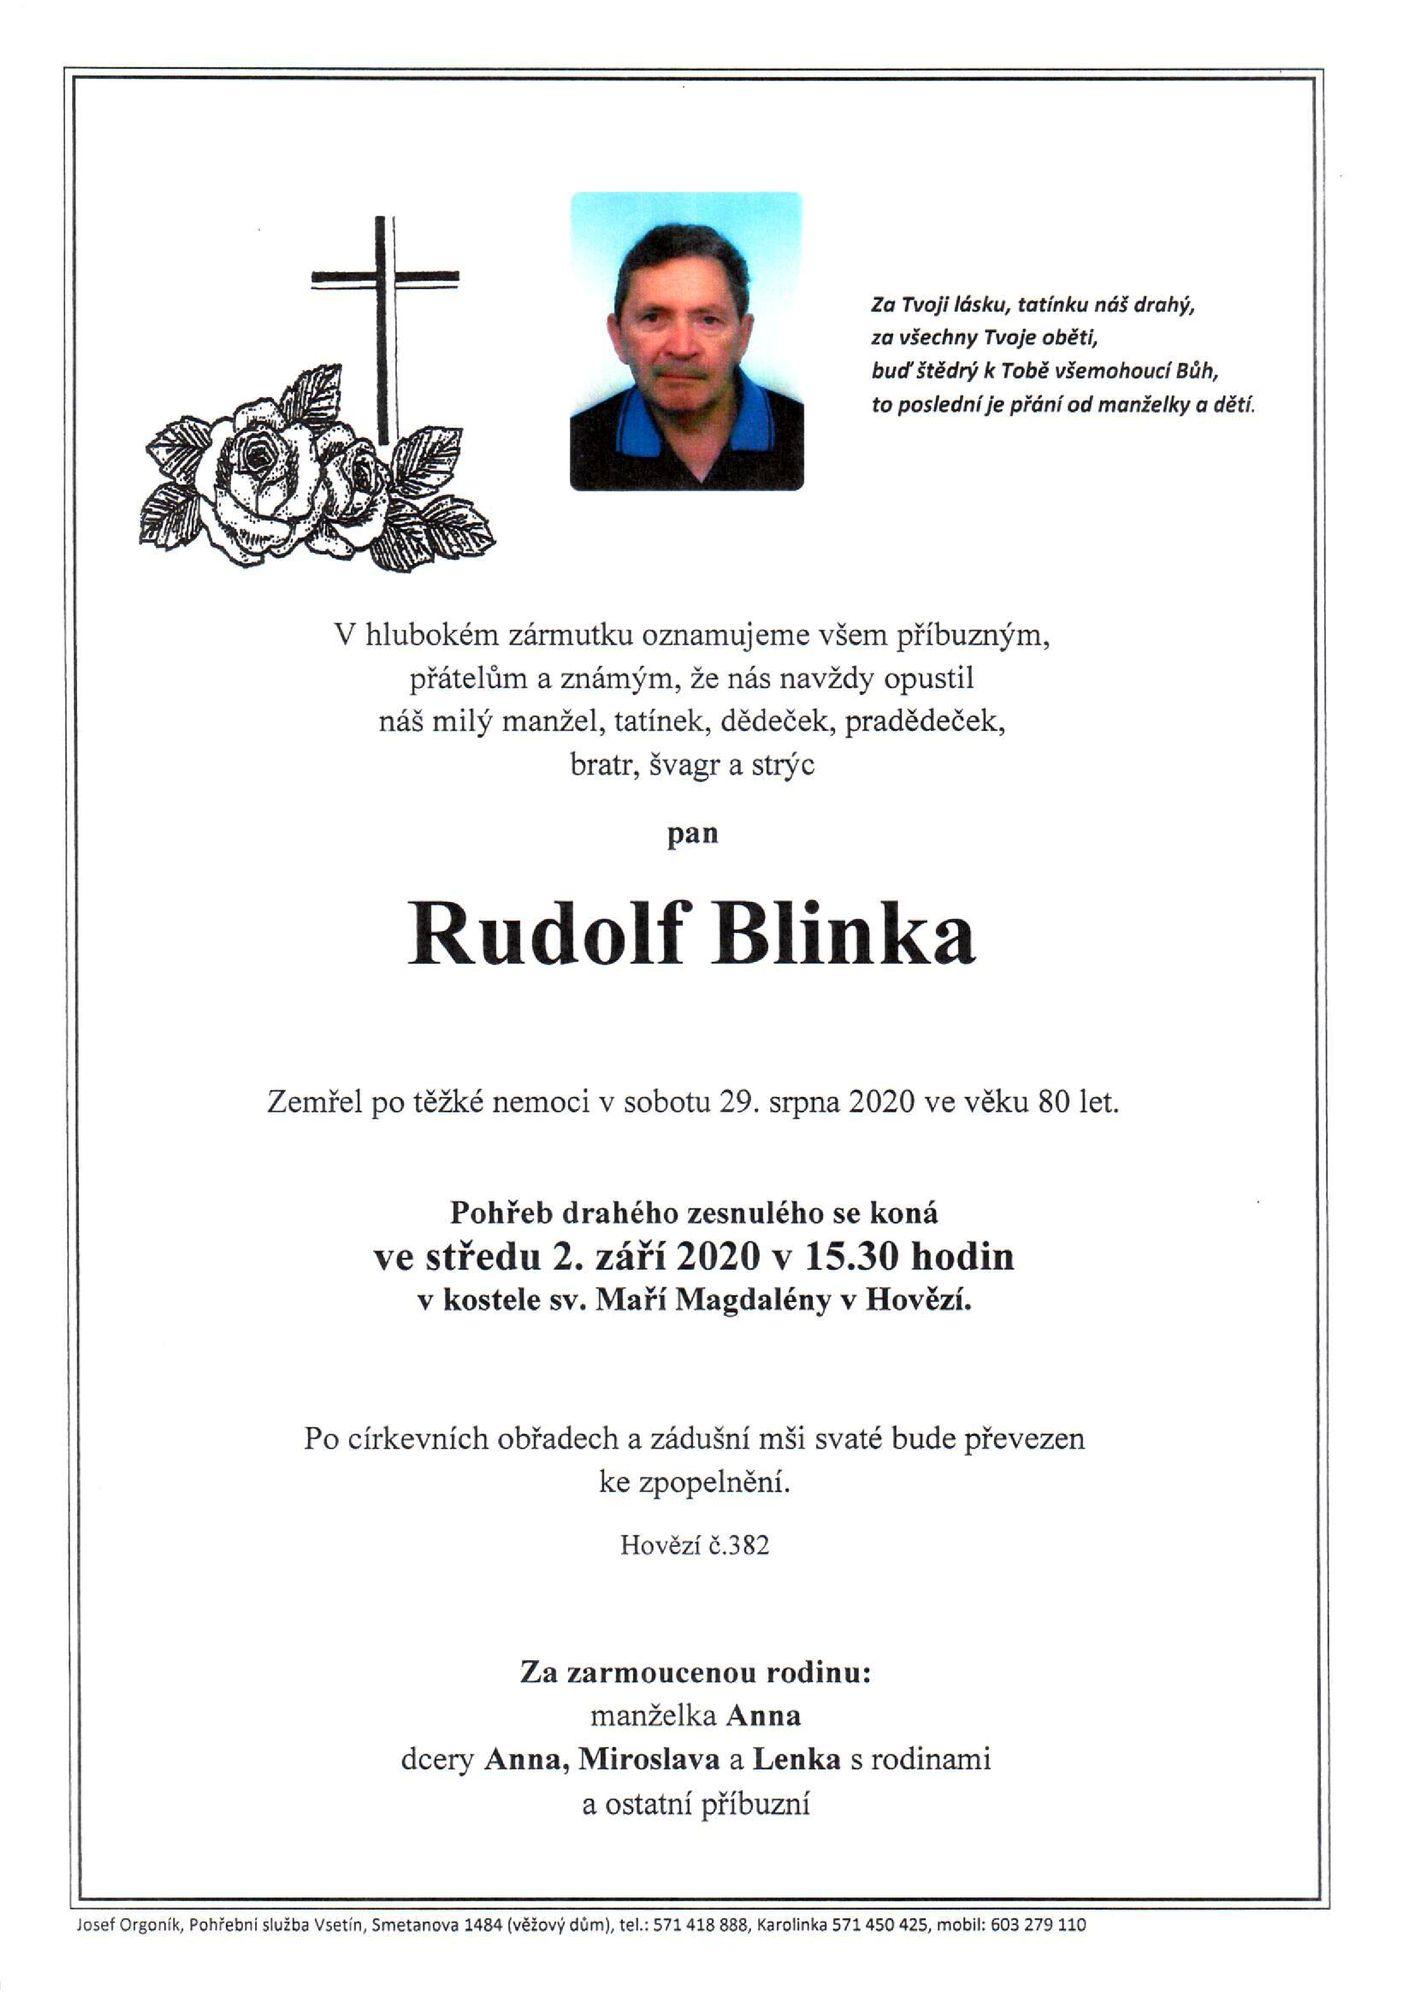 Rudolf Blinka